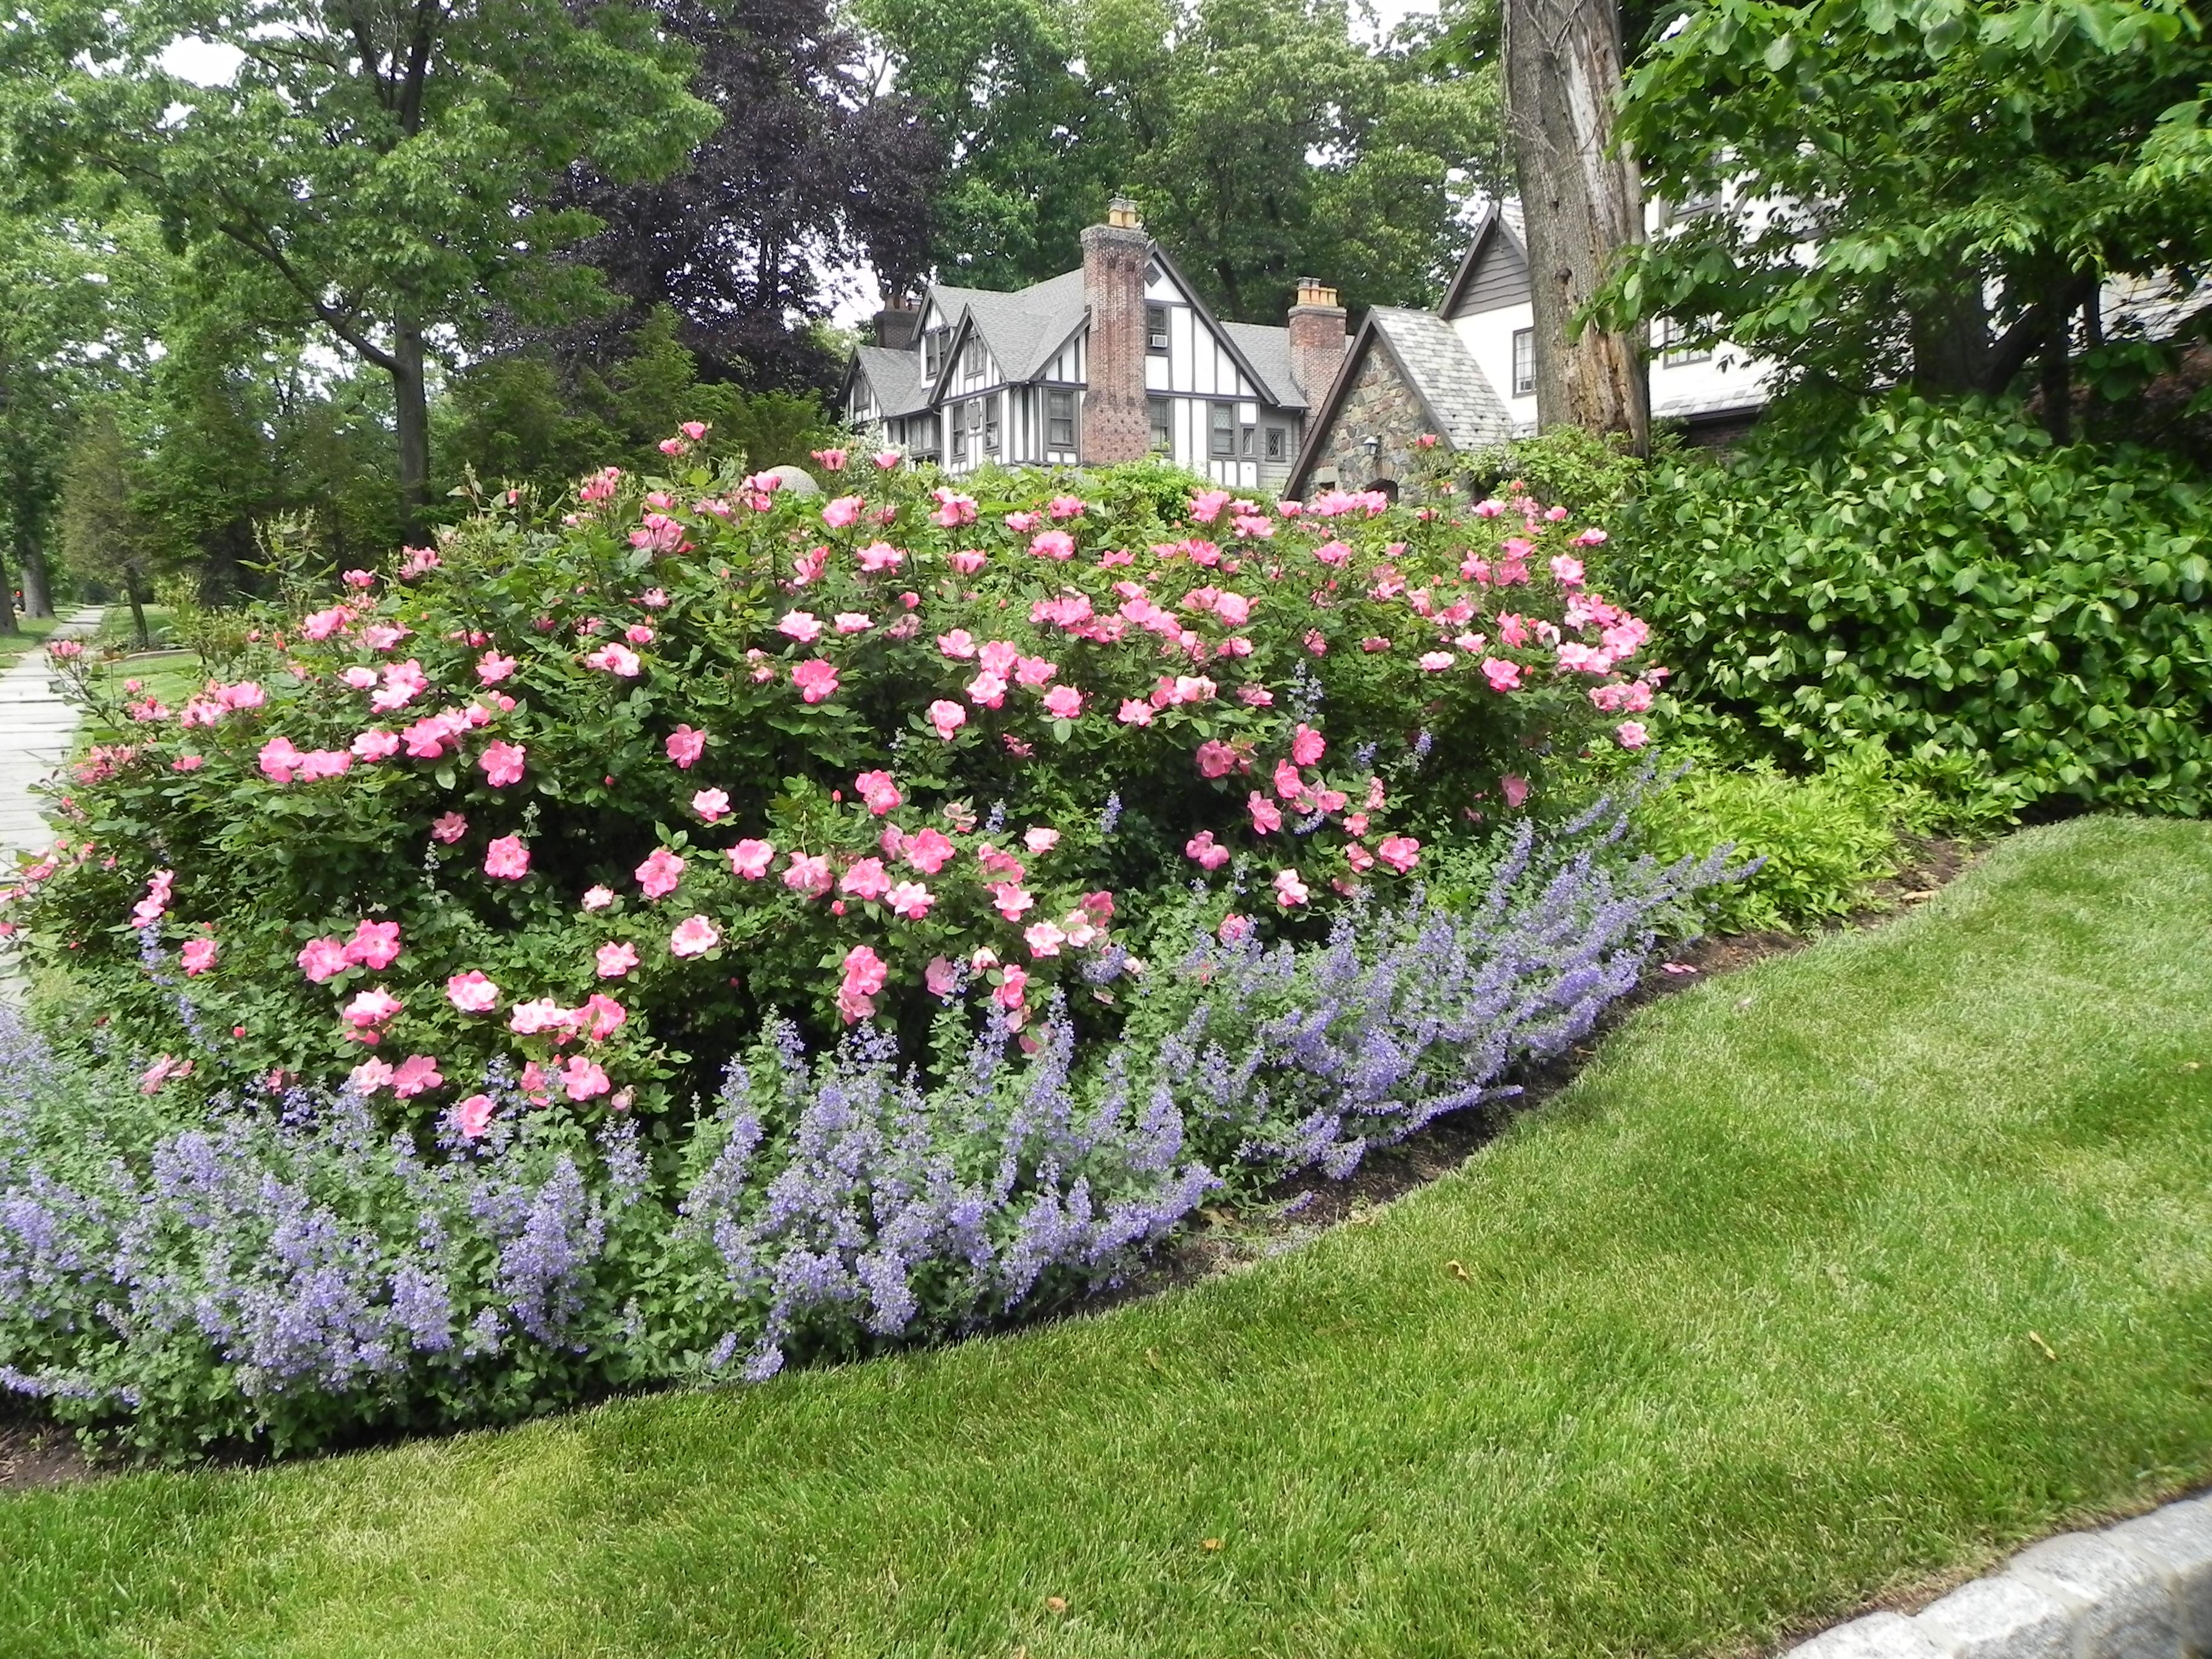 garden design ideas roses photo - 6